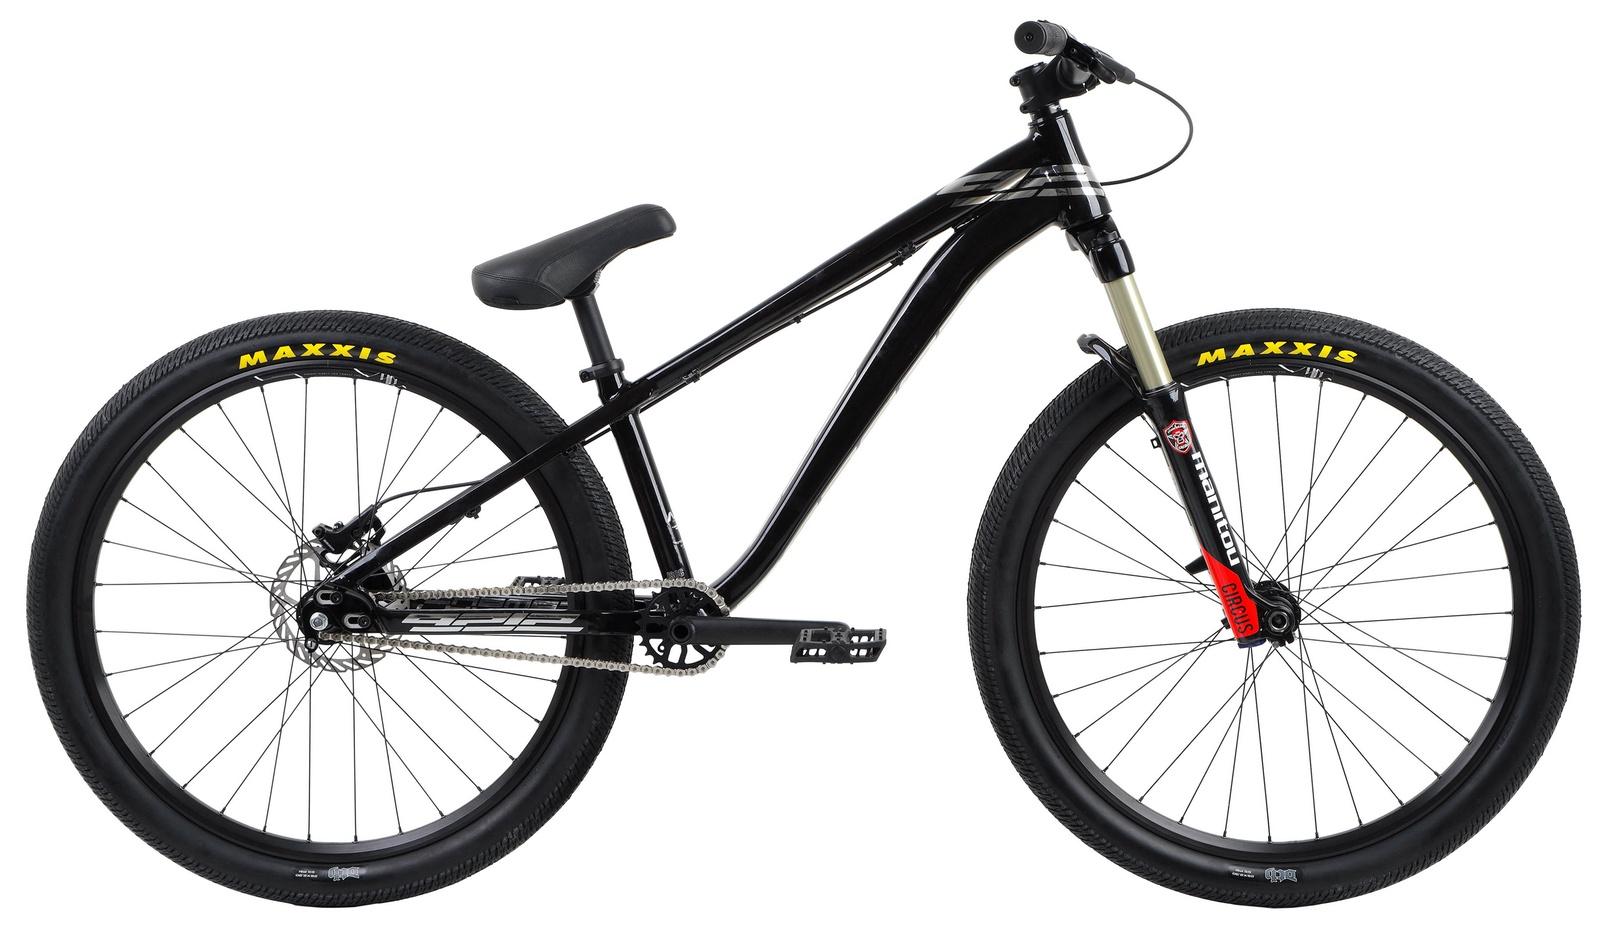 Велосипед Format 9212, RBKM8B669002, черныйRBKM8B669002Модный дизайн с хромированными вставками делают Format 9212 просто неотразимым. Дизайнеры Format преобразили его глянцевыми хромированными вставками с названием модели, придав ему элегантности. Эмблема 9212 на сидении и глянцевый окрас рамы – добавлены, чтобы подчеркнуть твой стиль.